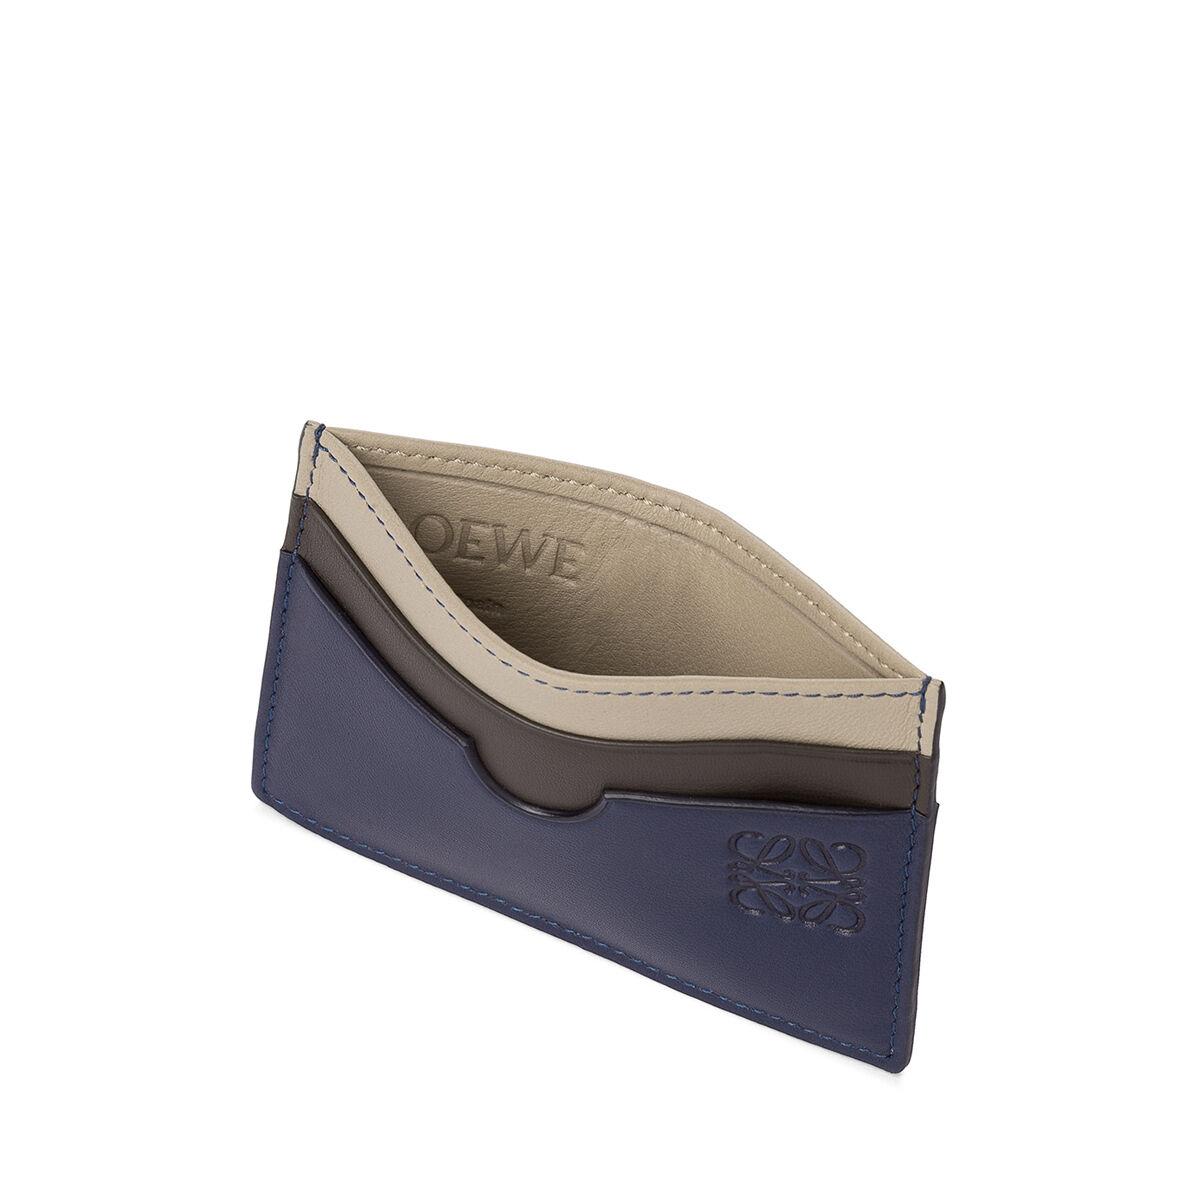 LOEWE Plain Card Holder Blue/Multicolor front